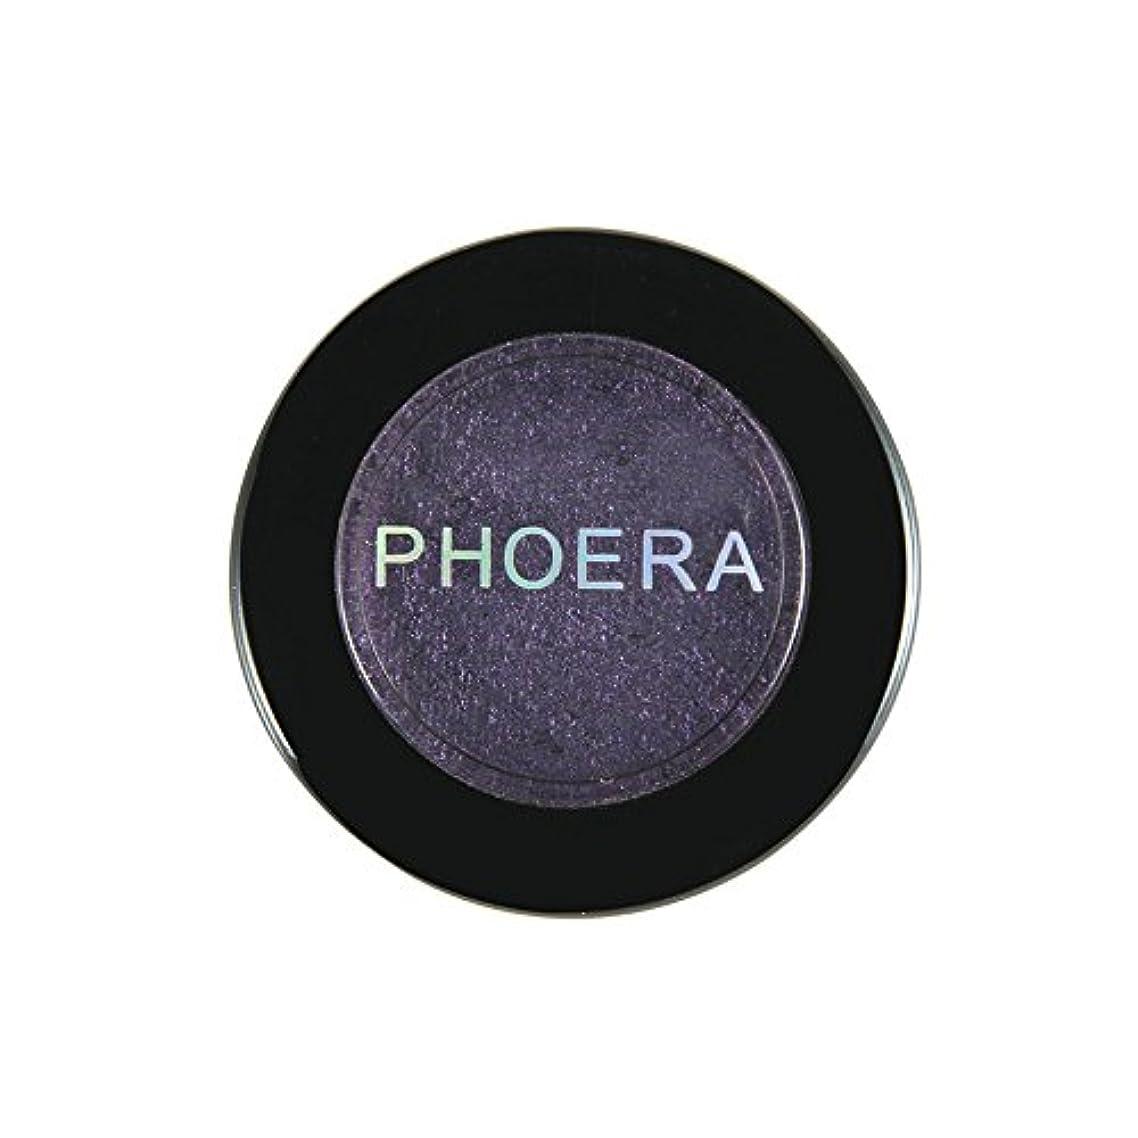 避ける後お祝いAkane アイシャドウパレット PHOERA 人気 ファッション 魅力的 マッシュポテト 単なる 一つだけ 綺麗 チャーム 長持ち おしゃれ 持ち便利 日常 仕事 Eye Shadow (4色)